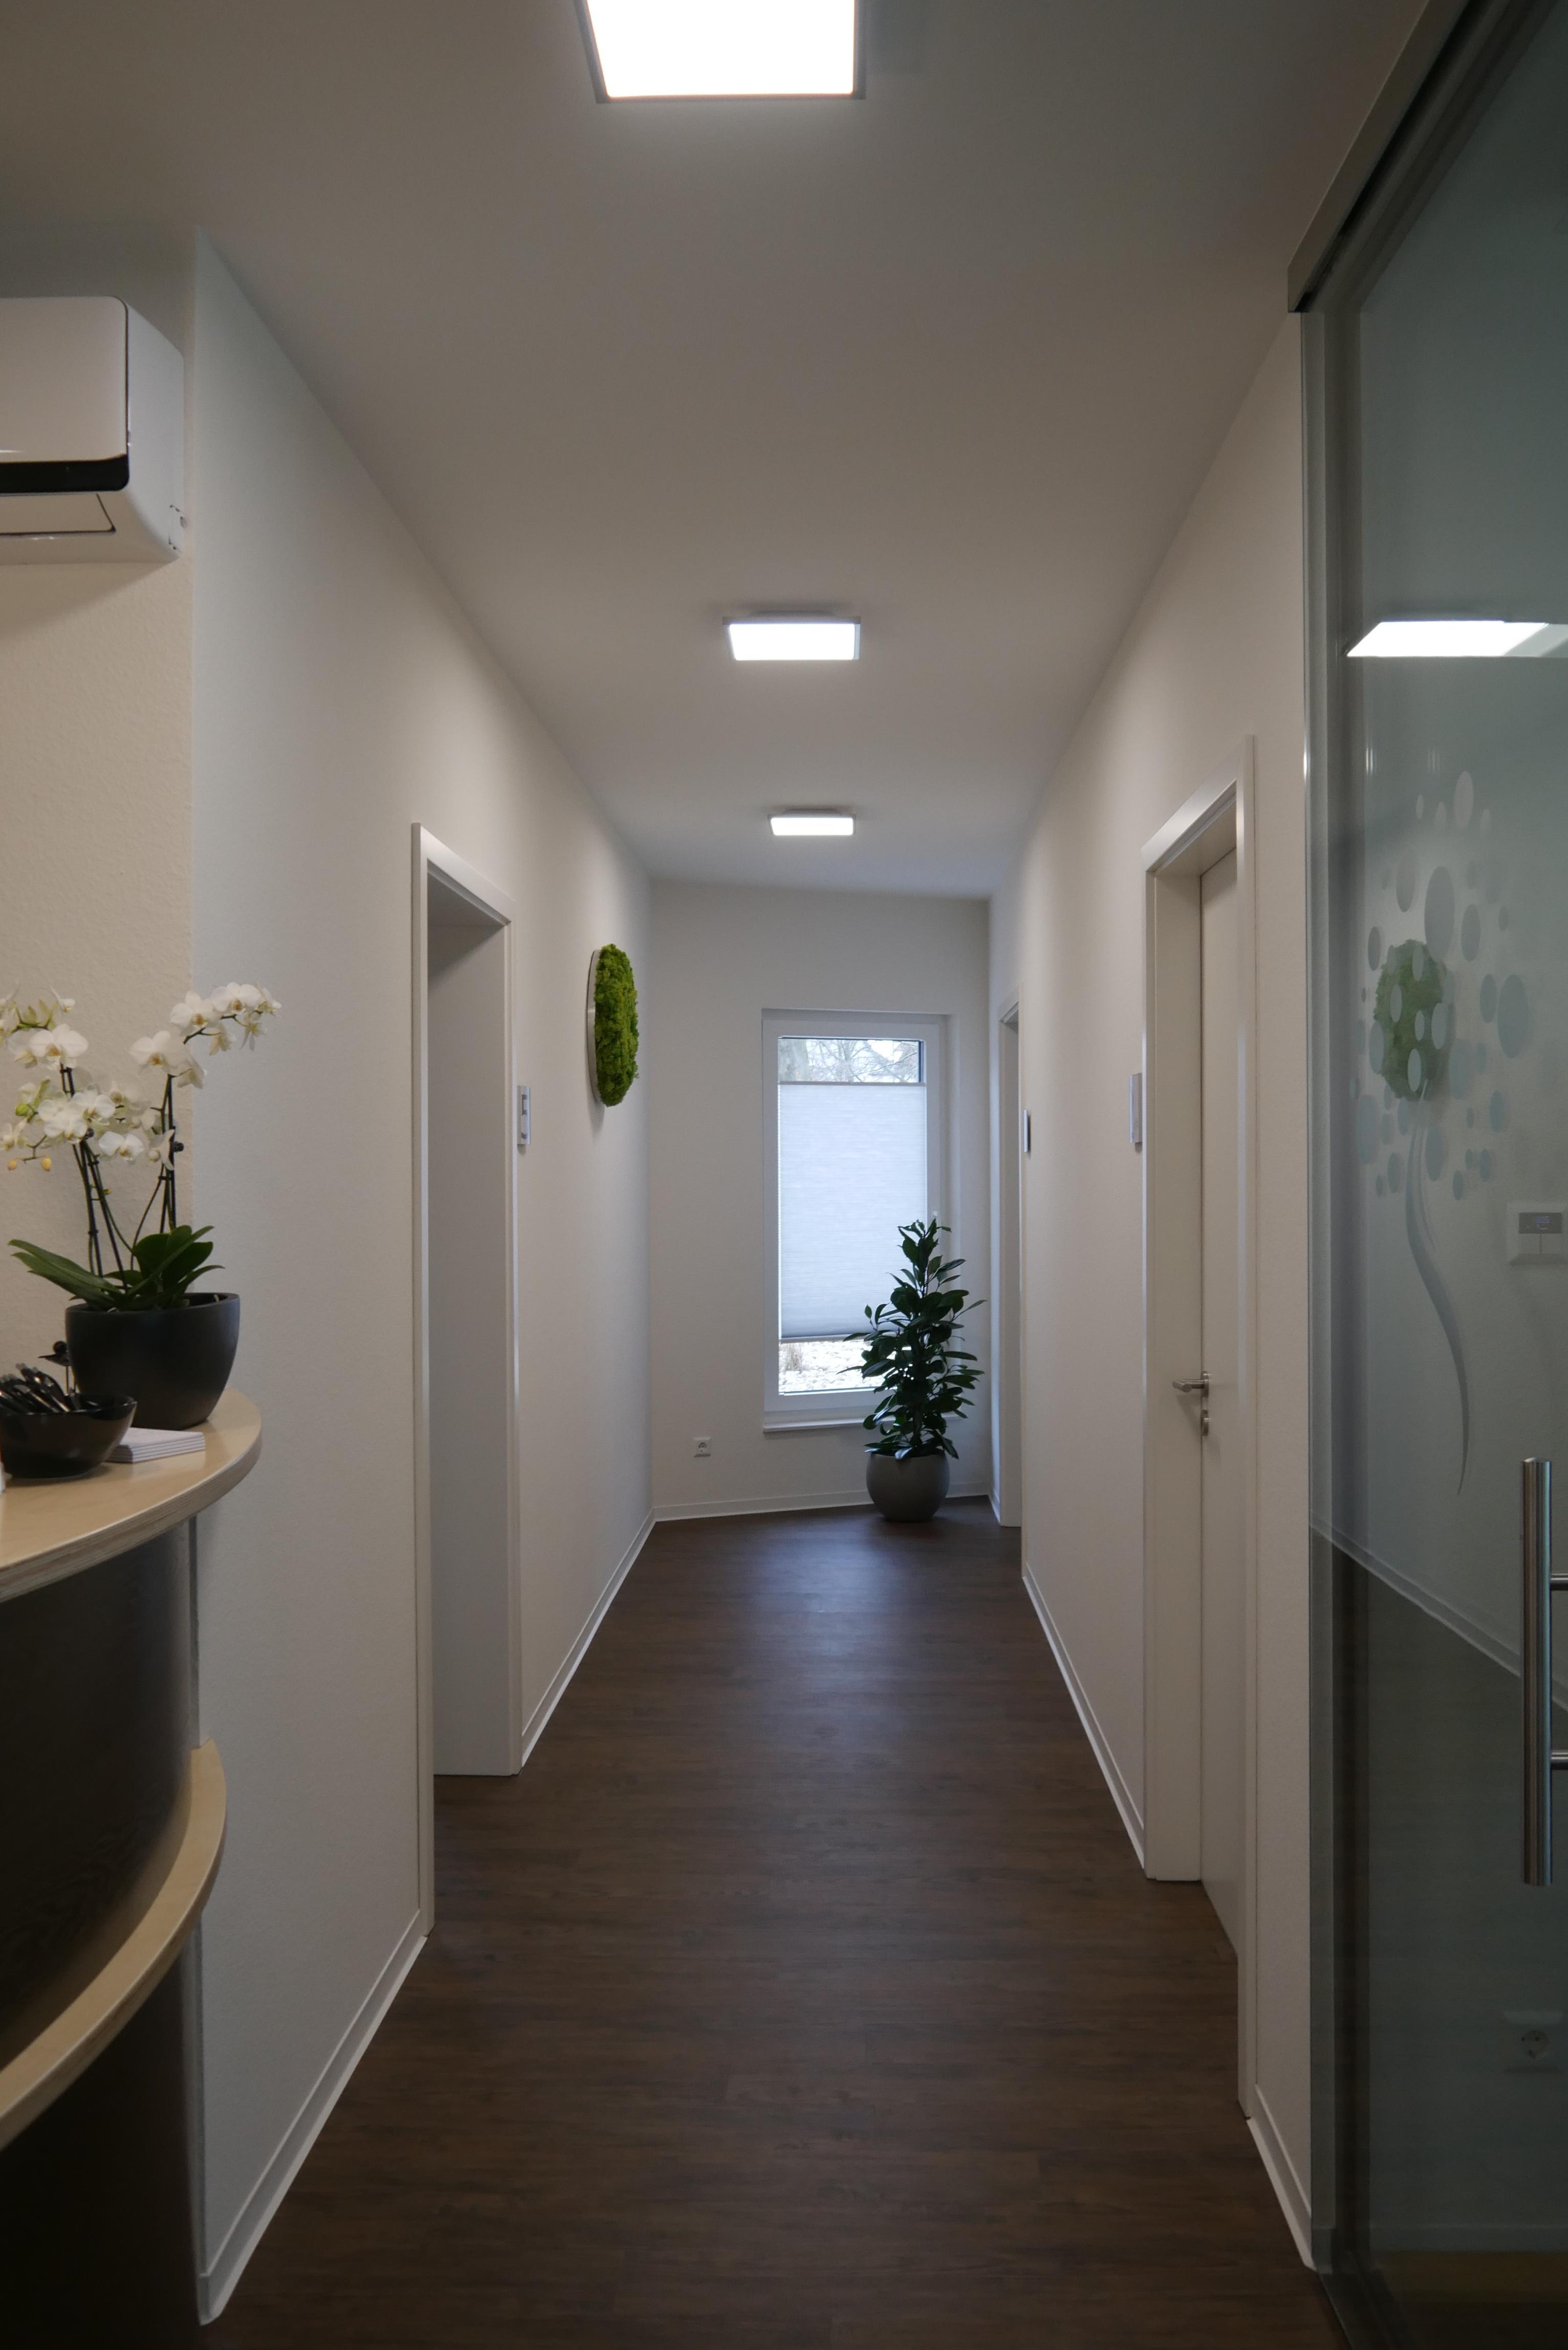 beleuchtung flur diele bilder f r flur und diele beleuchtung flur diele christine pursche. Black Bedroom Furniture Sets. Home Design Ideas